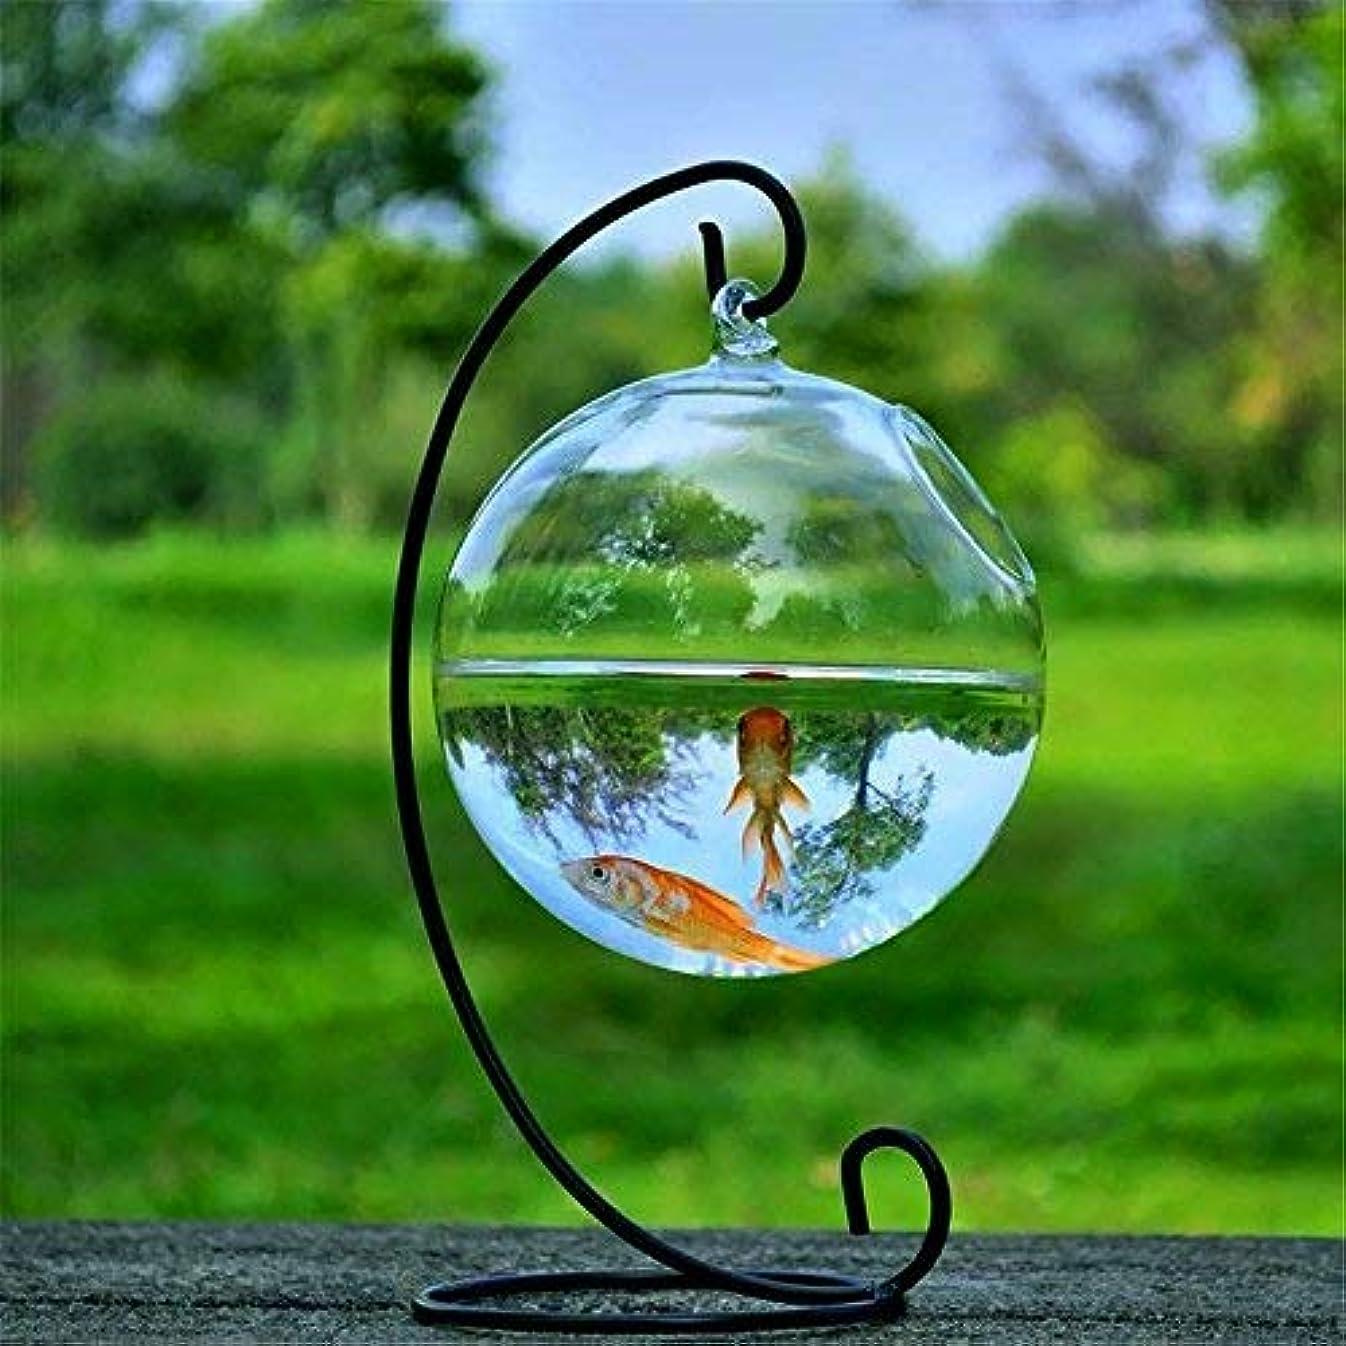 最大論争的真剣に壁掛け水槽 アクアリウム 観葉植物を入れて 植木鉢 金魚鉢 花瓶 半球型 観賞魚 観葉植物 3mmの厚さ Broadroot (透明)